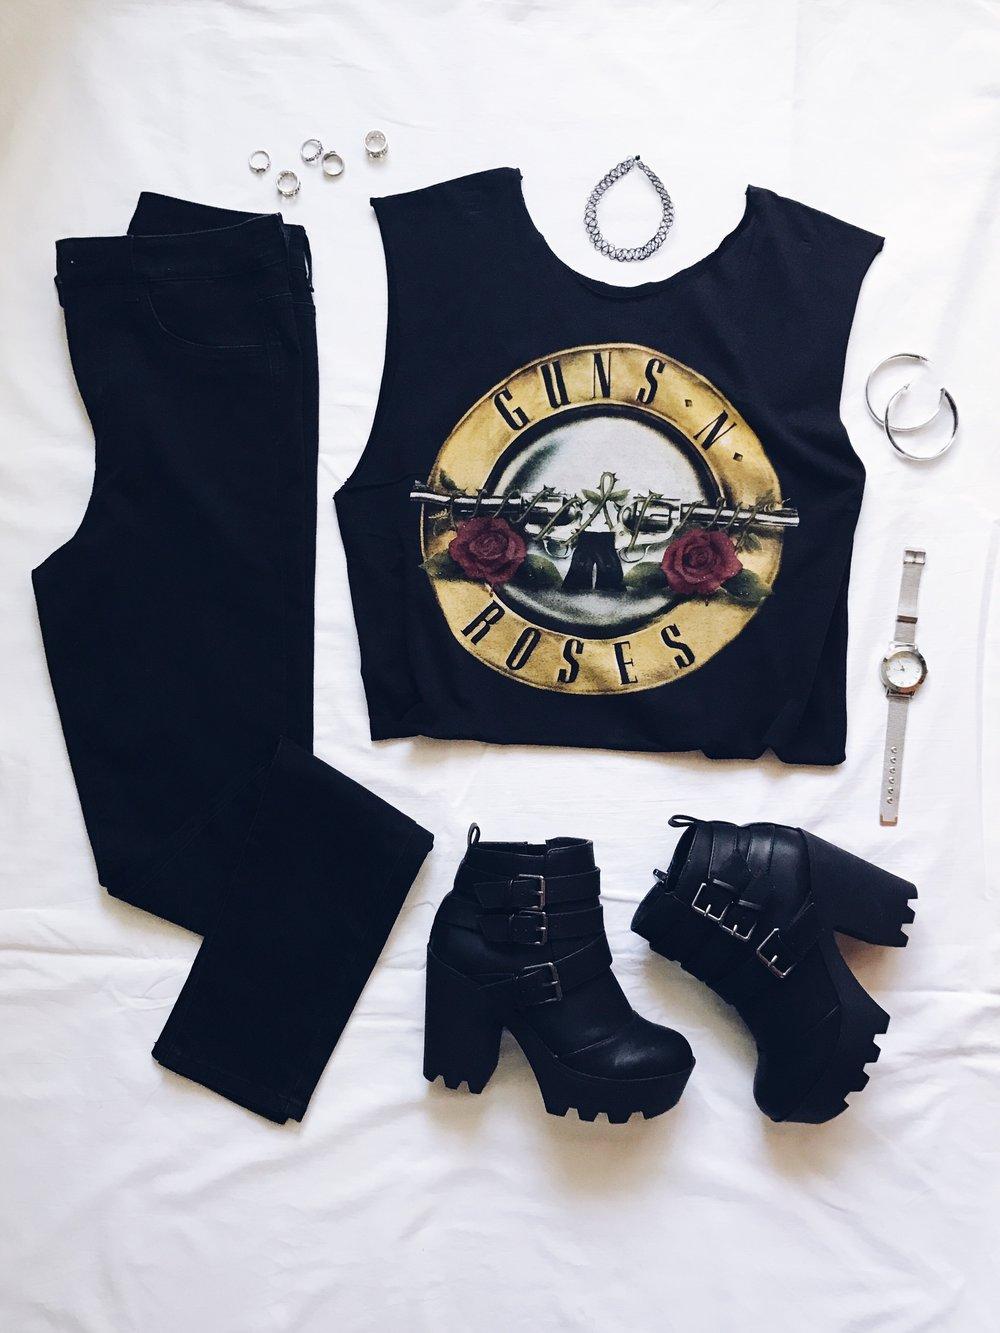 Тениска на Guns n Roses: Hottopic. Преправена и изрязана от мен :P  Черни дънки: H&M  Боти: Tally Weijl  Choker: Dollskill  Обеци: ASOS  Пръстени: H&M, Forever21, Orsay  Часовници: Marc Jacobs